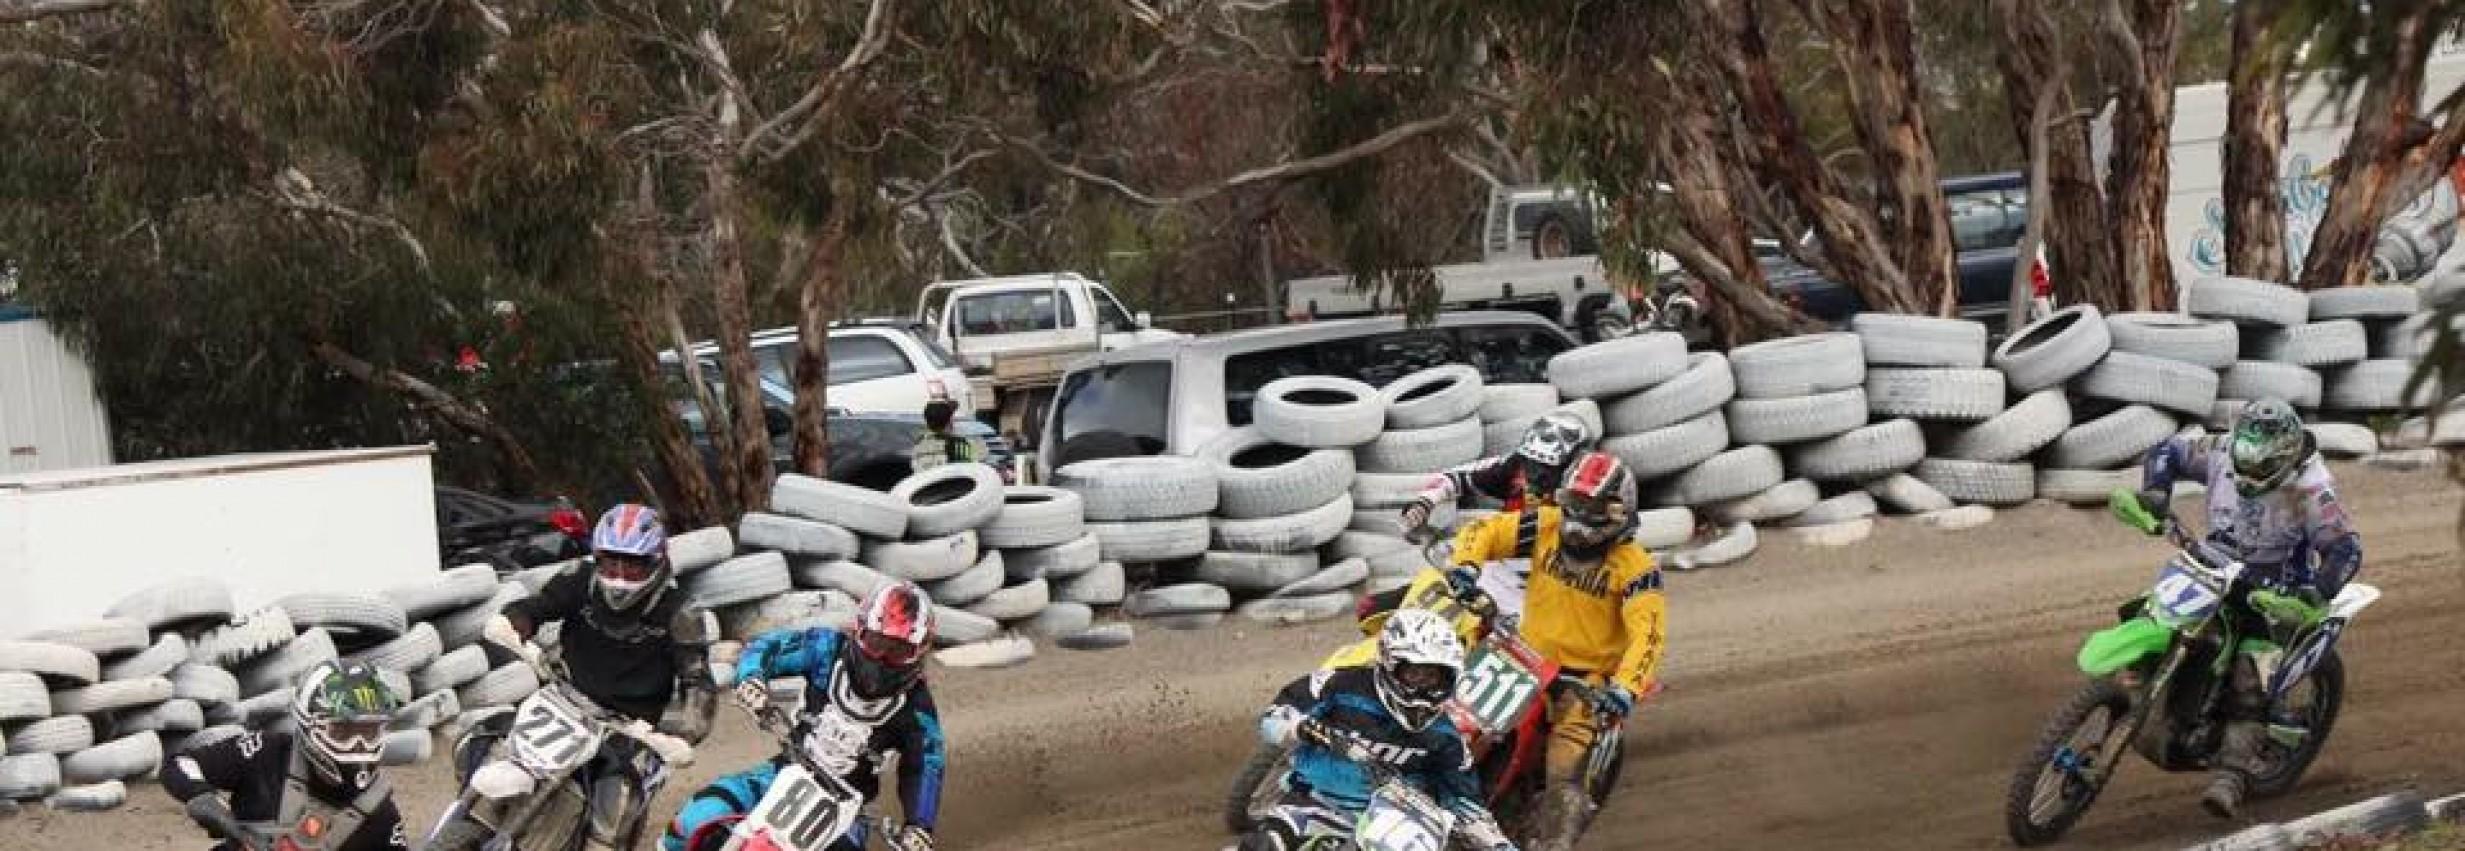 Day Road Dirt Track – Mud n Tars Motorcycle Club